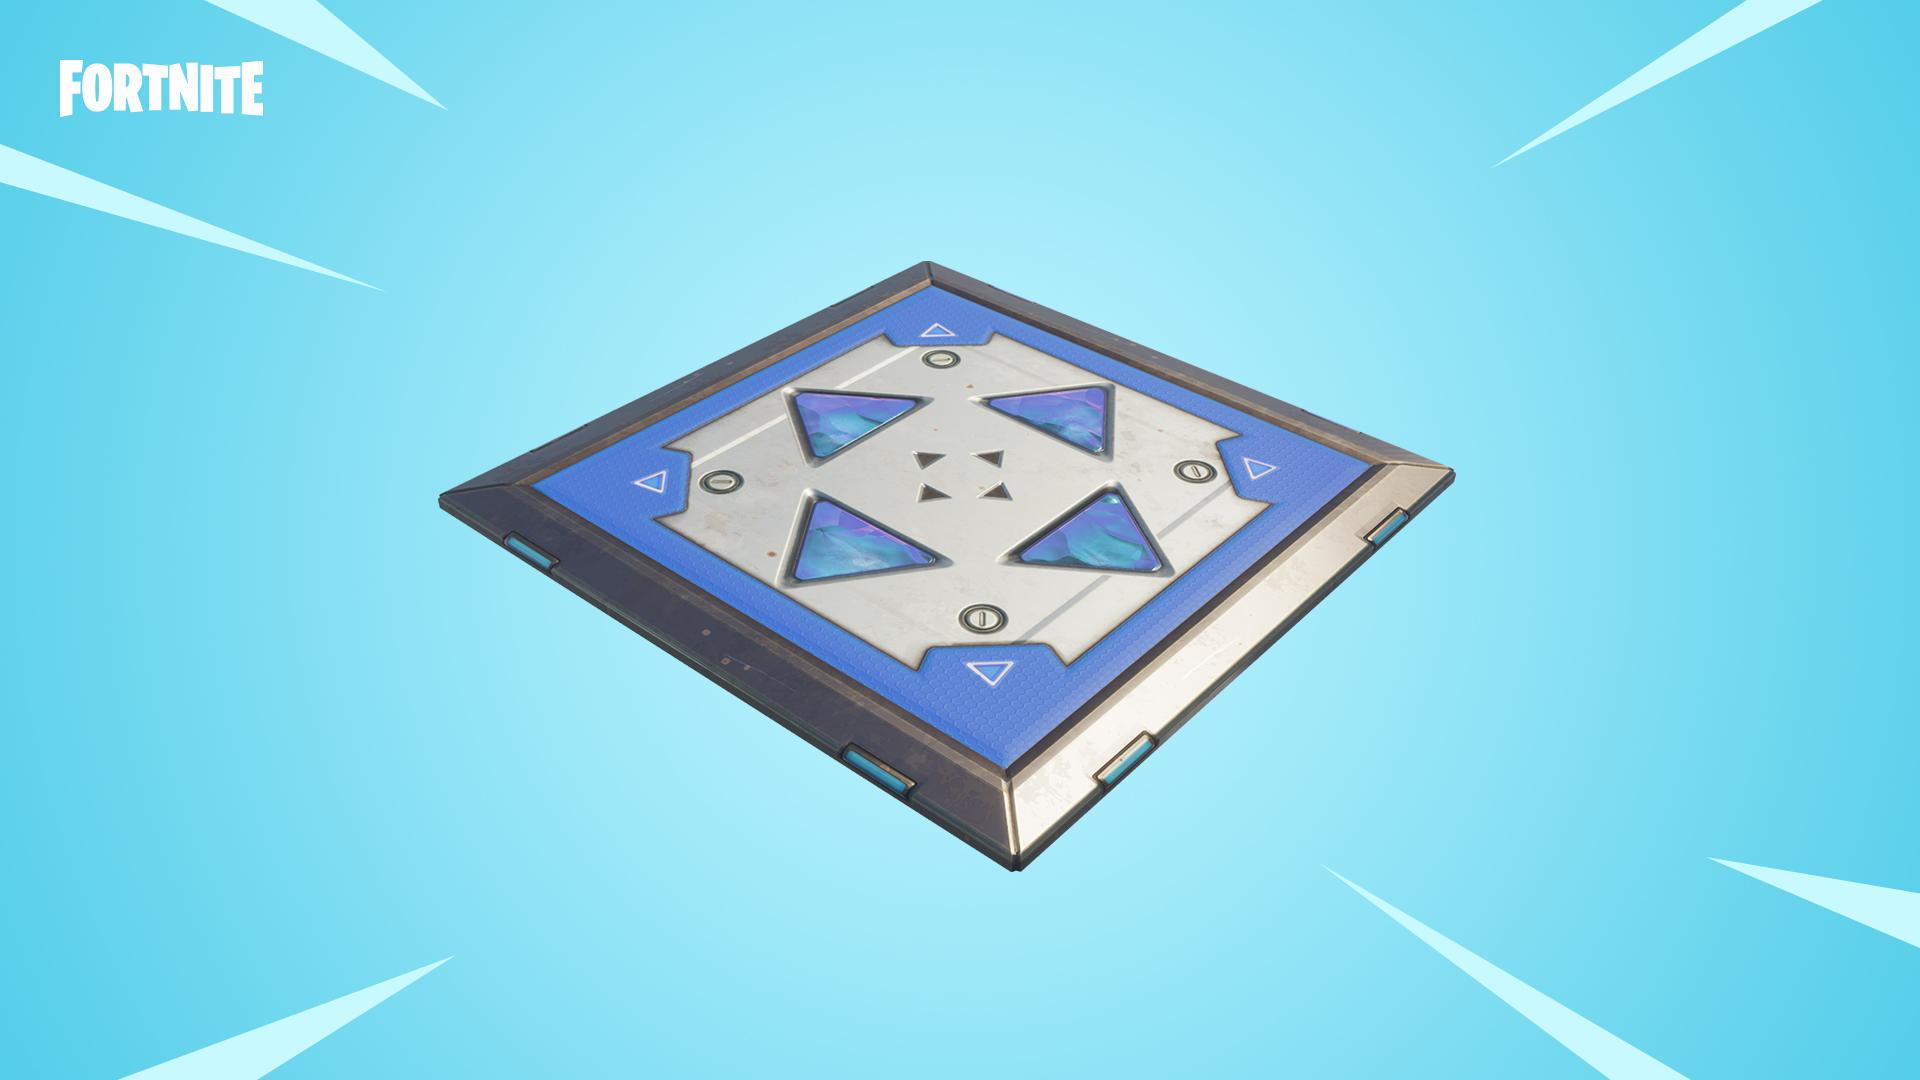 Llega nueva versión de los pads de salto a Fortnite: Battle Royale